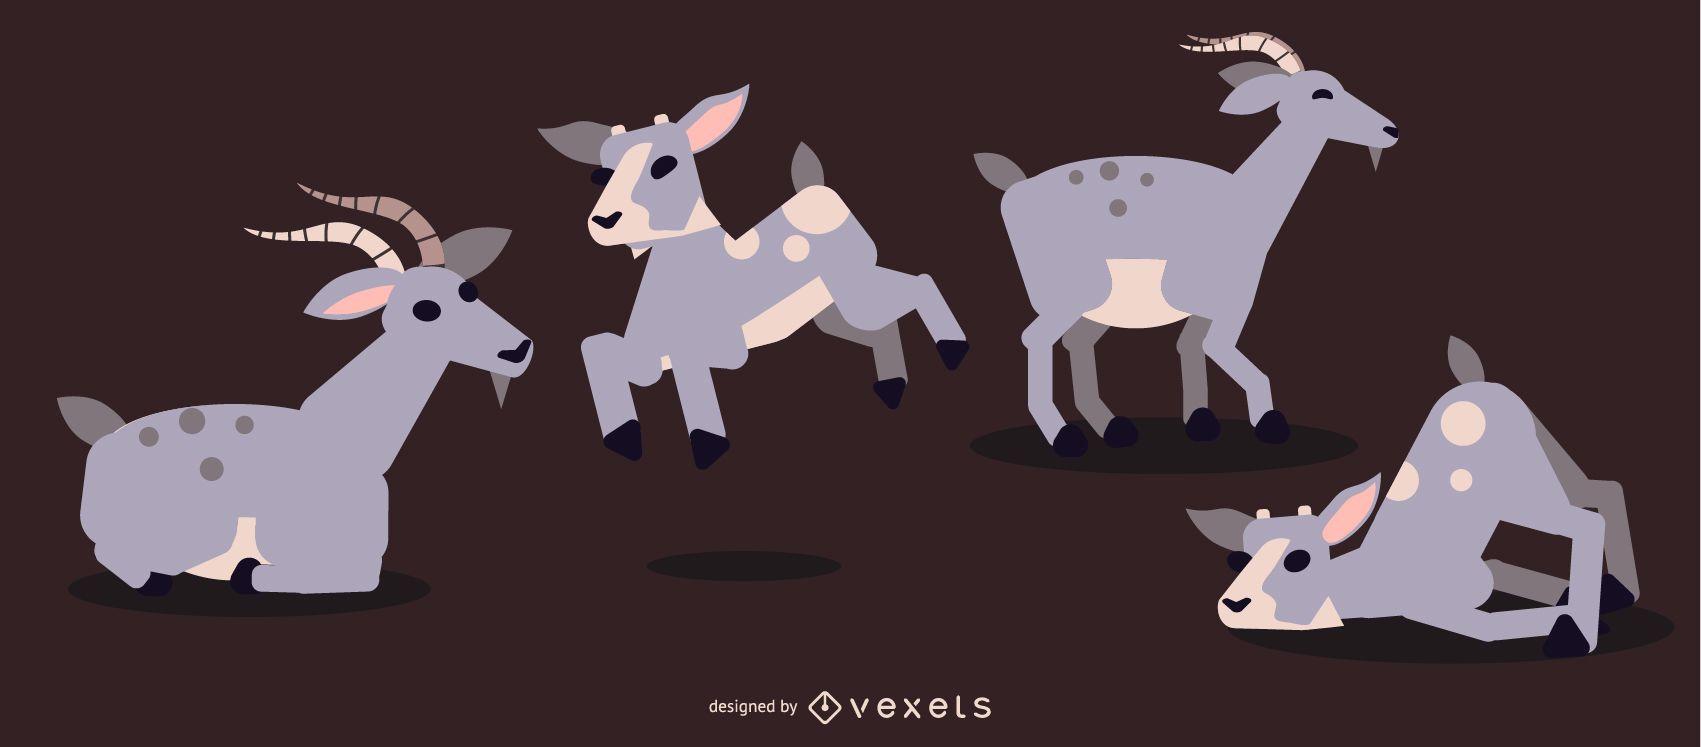 Diseño geométrico plano redondeado de cabra